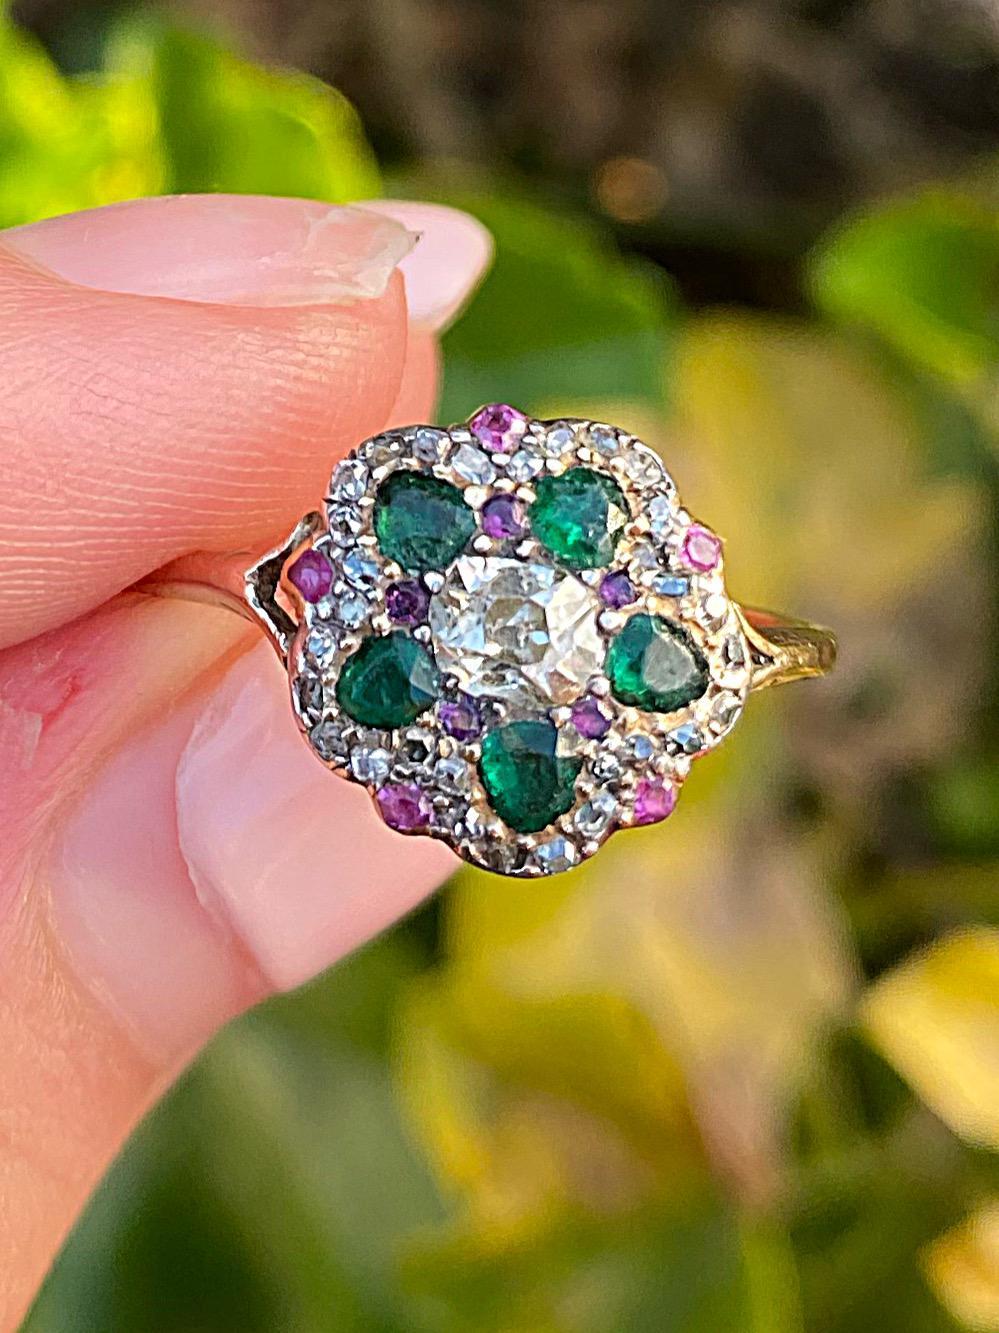 טבעת ג'ורג'יאנית -ויקטוריאנית מוקדמת, זהב וכסף עם אבני אמרלד, רובי ויהלומים.